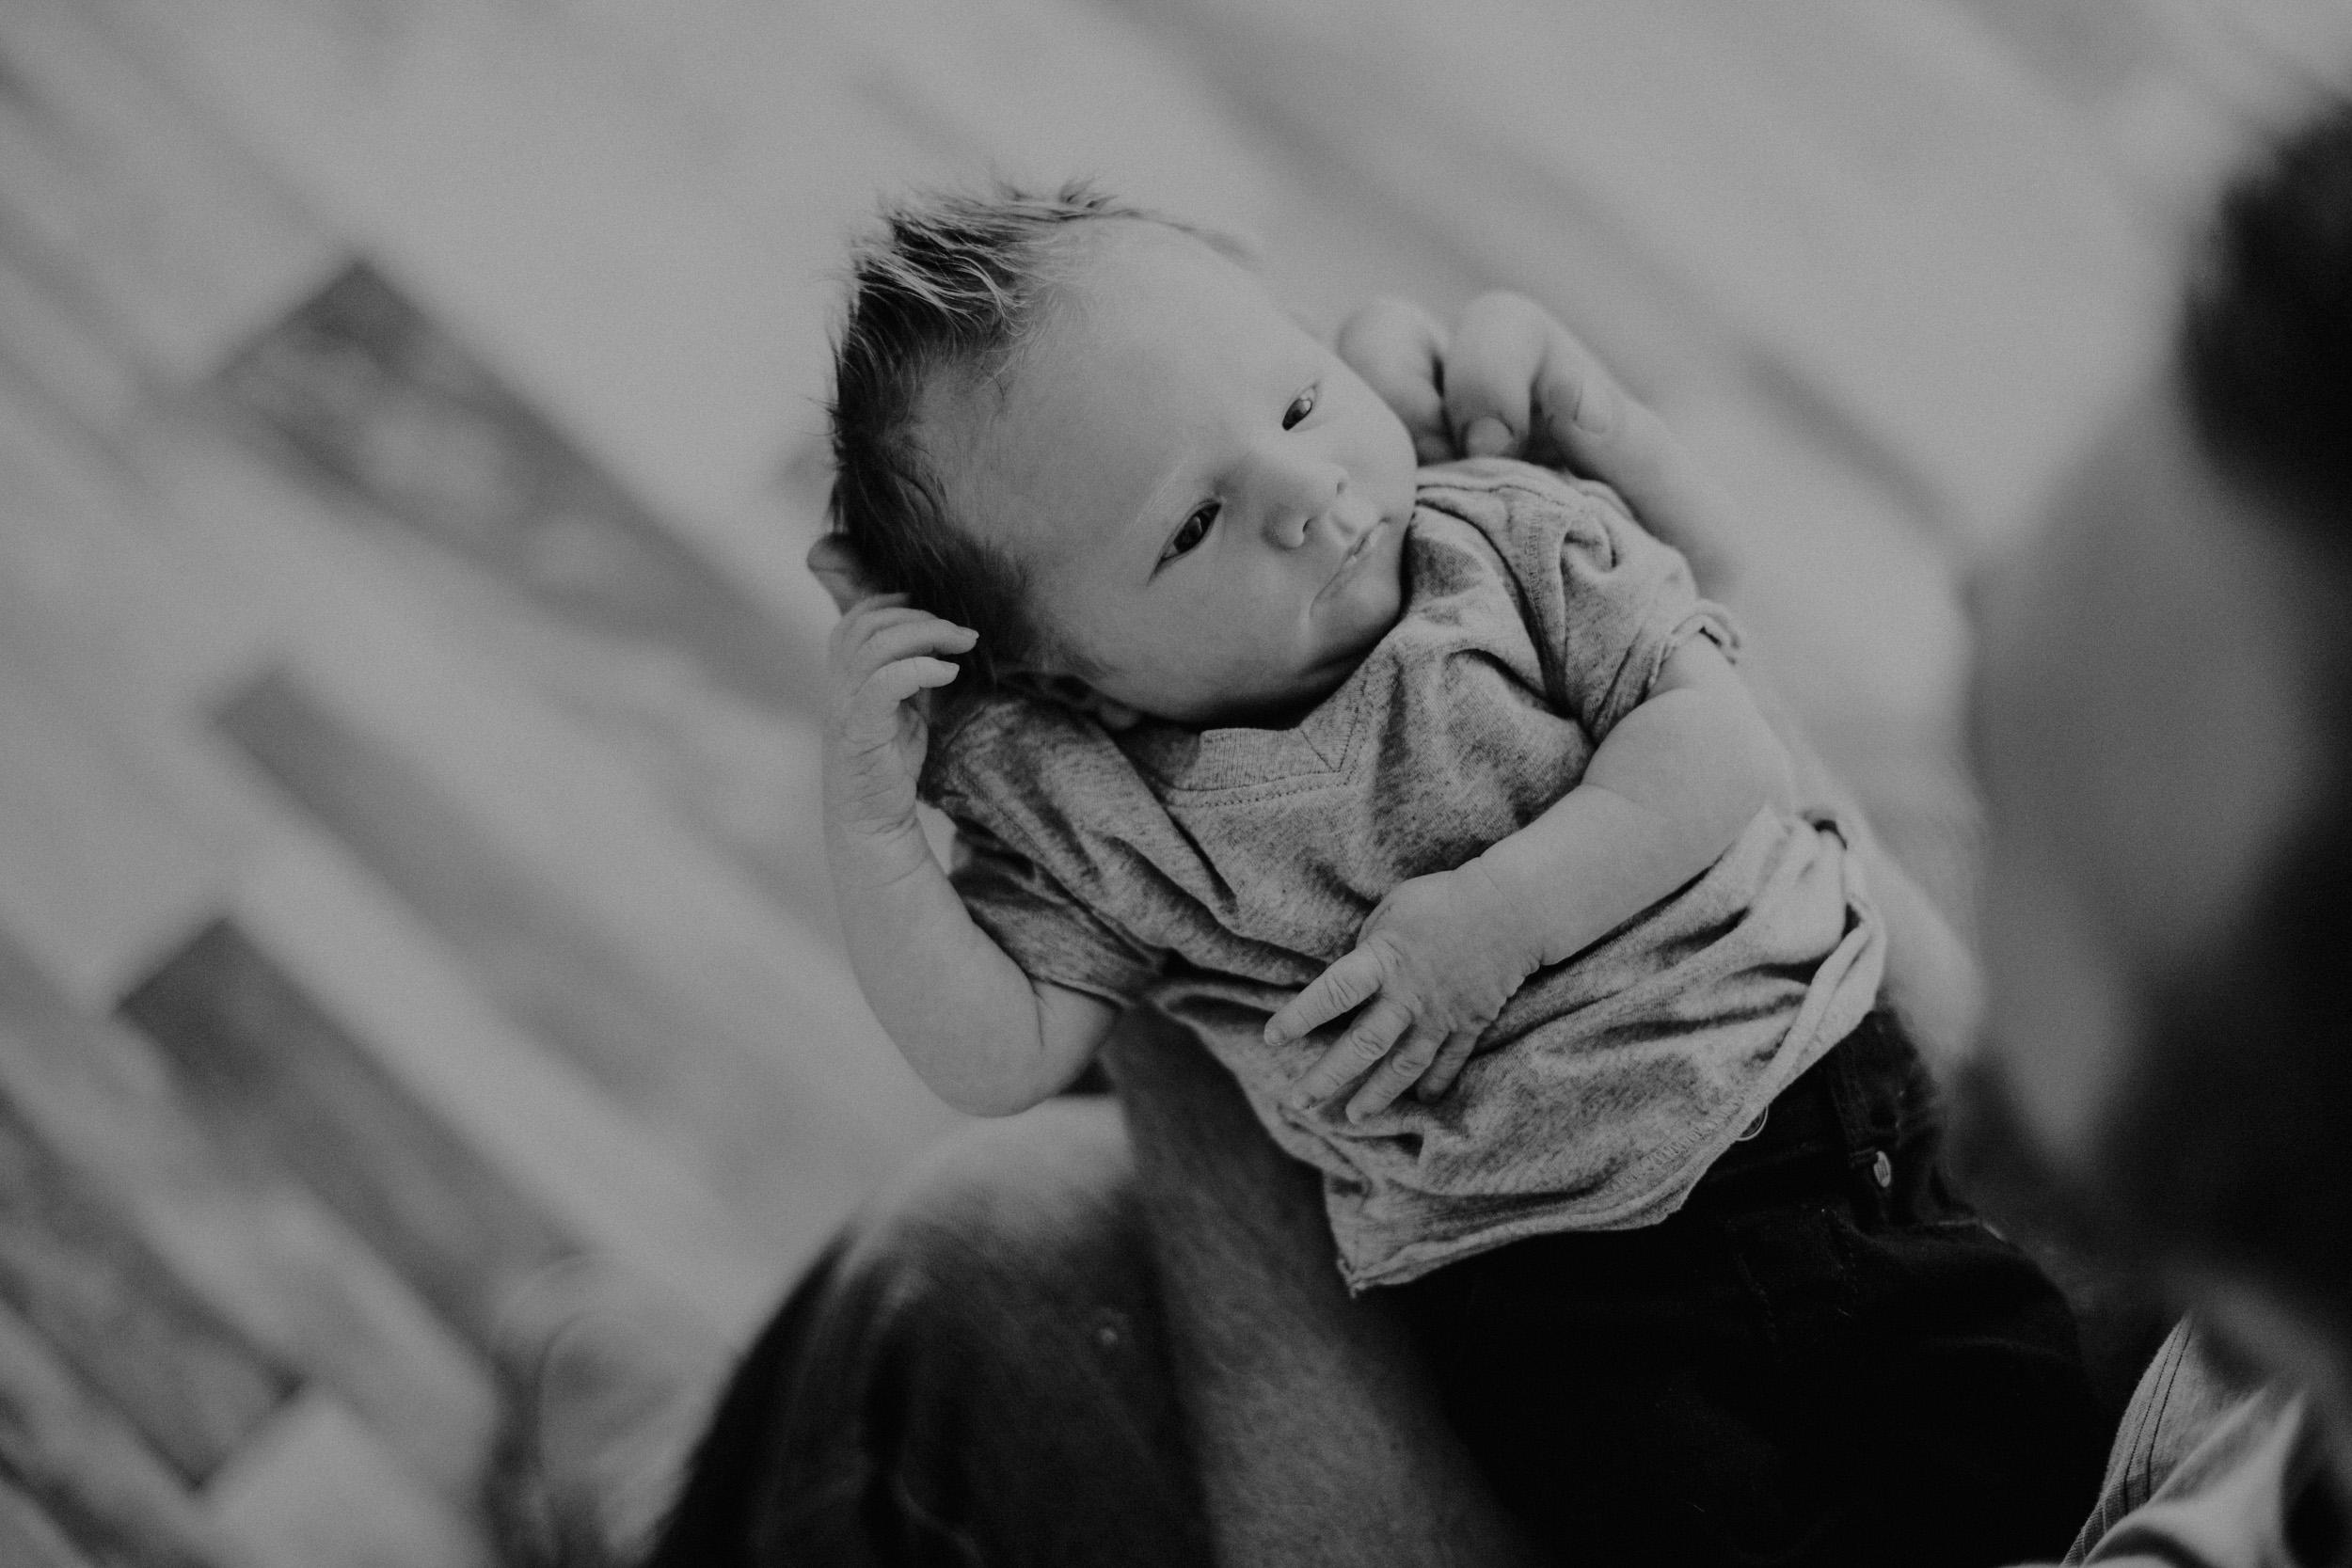 newborn baby boy being held by dad